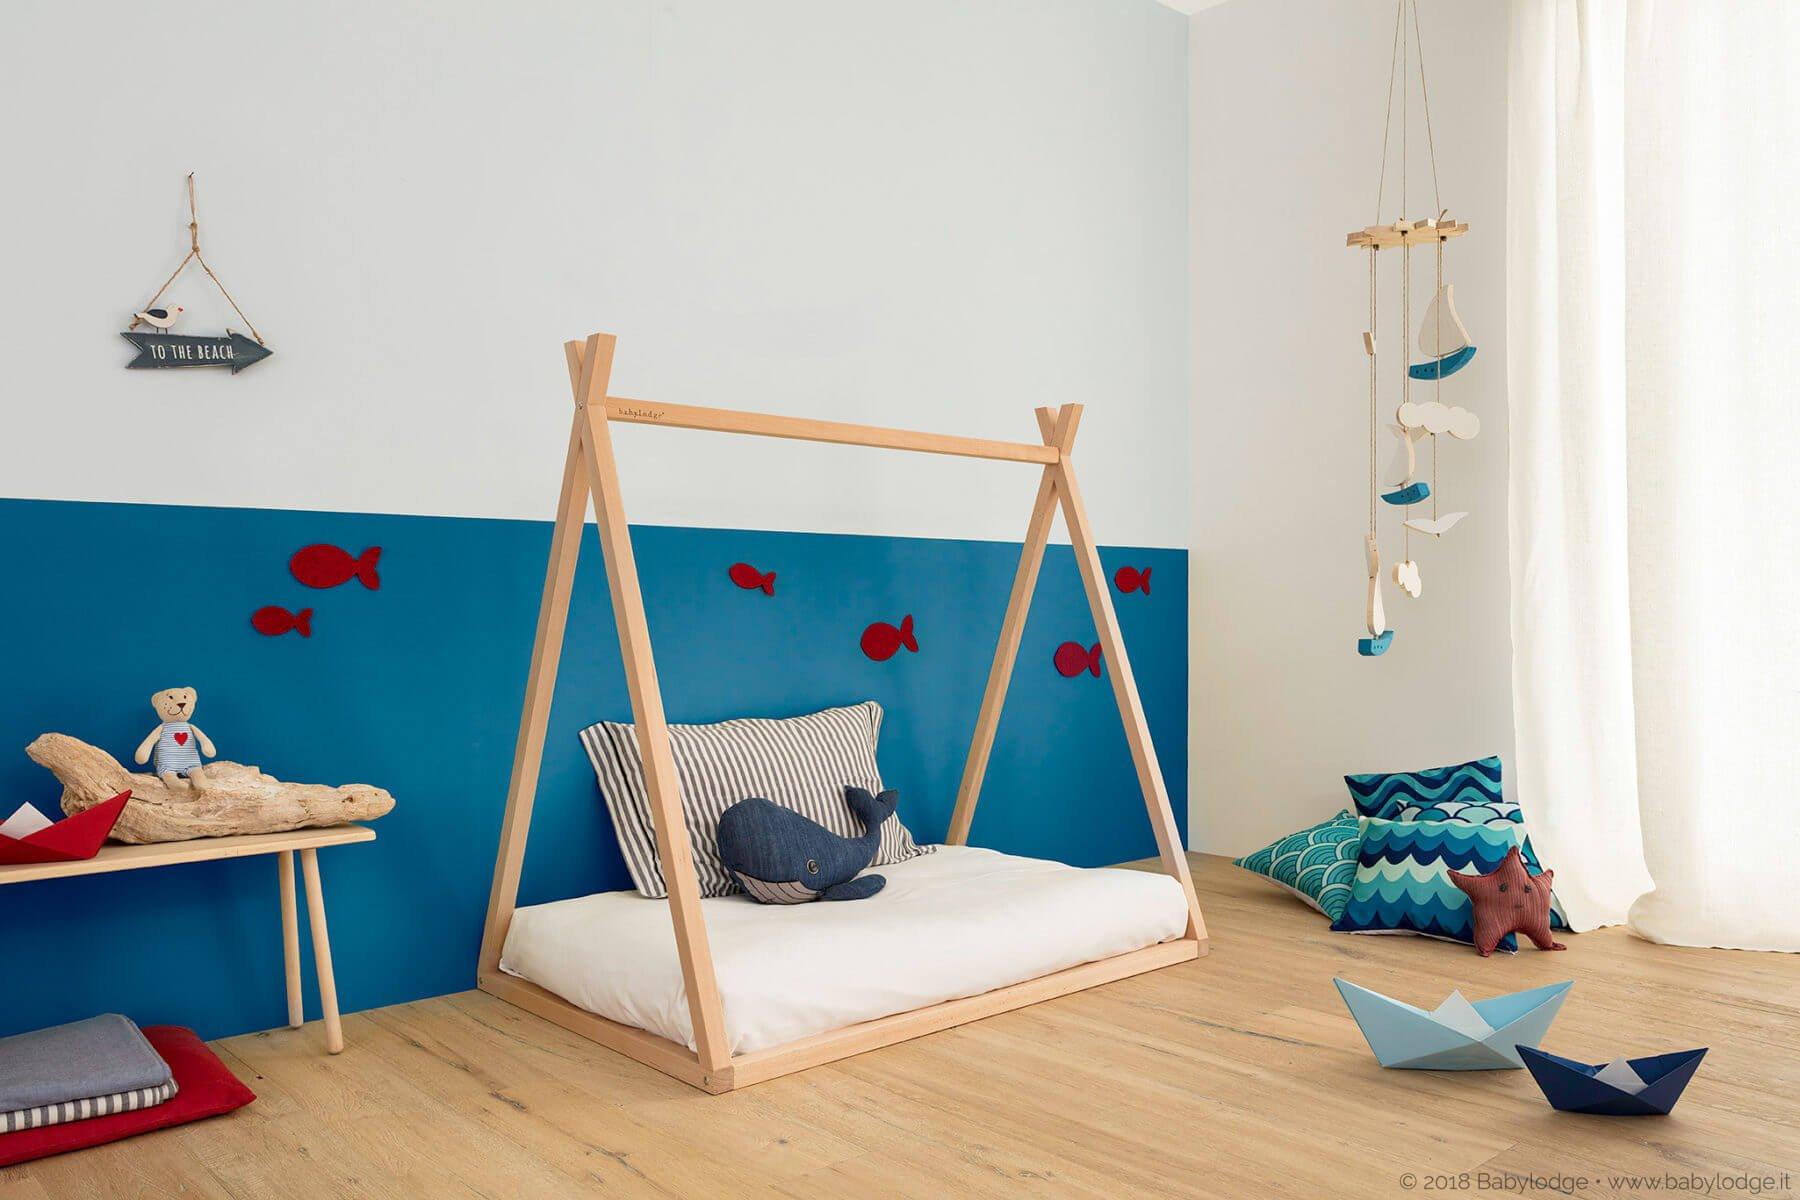 lettino montessori Babylodge per bambini in legno e personalizzabile